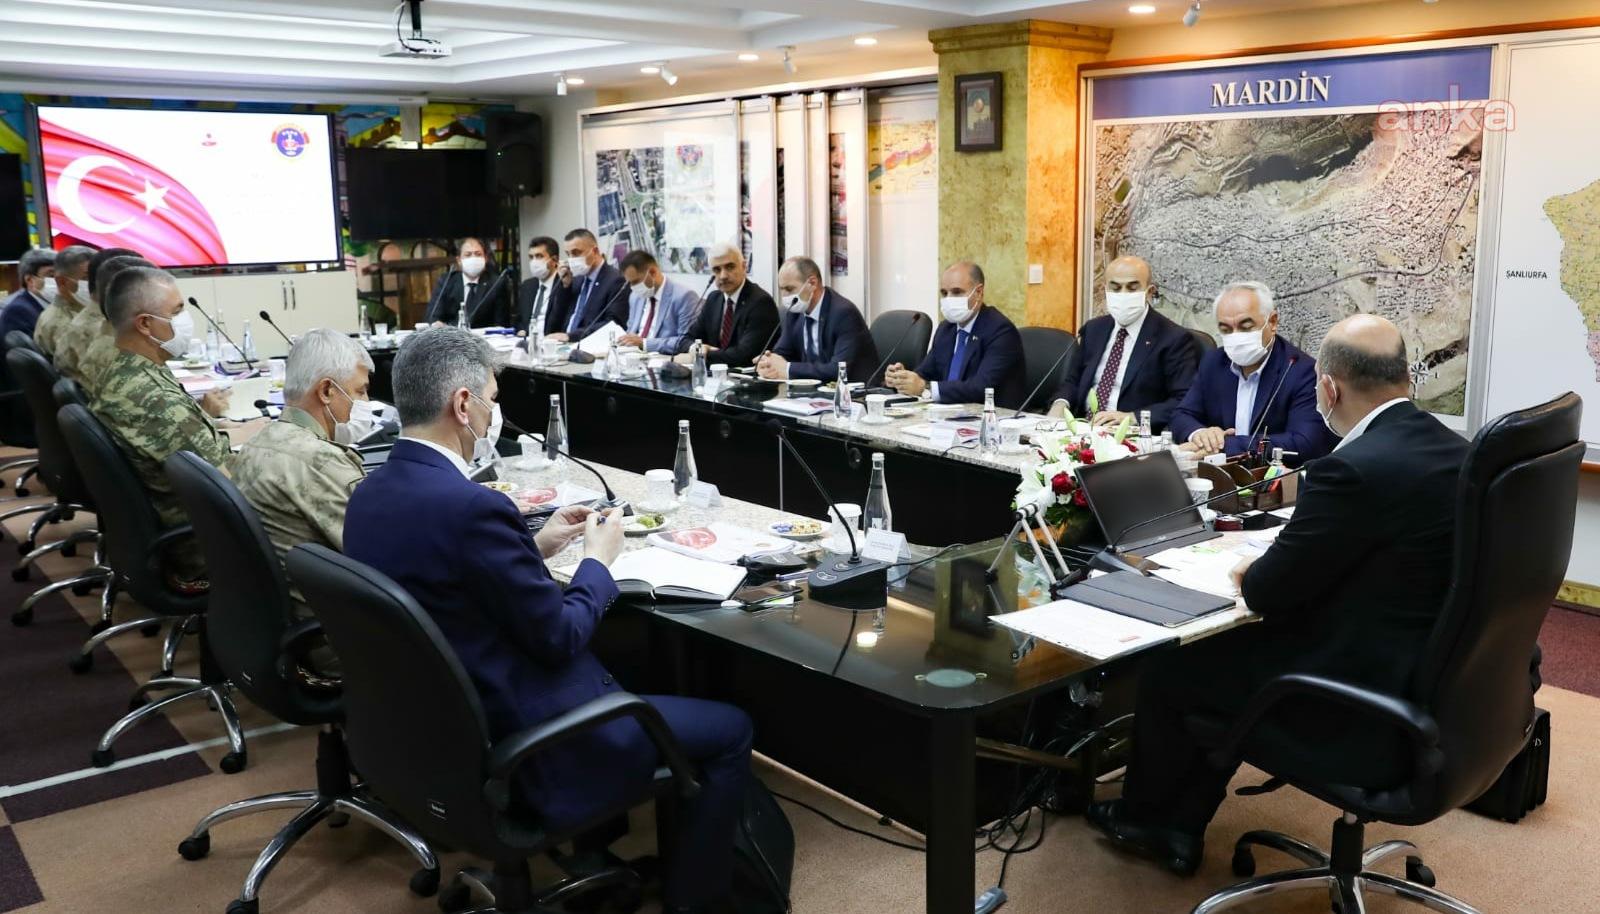 Mardin'de güvenlik toplantısı yapıldı